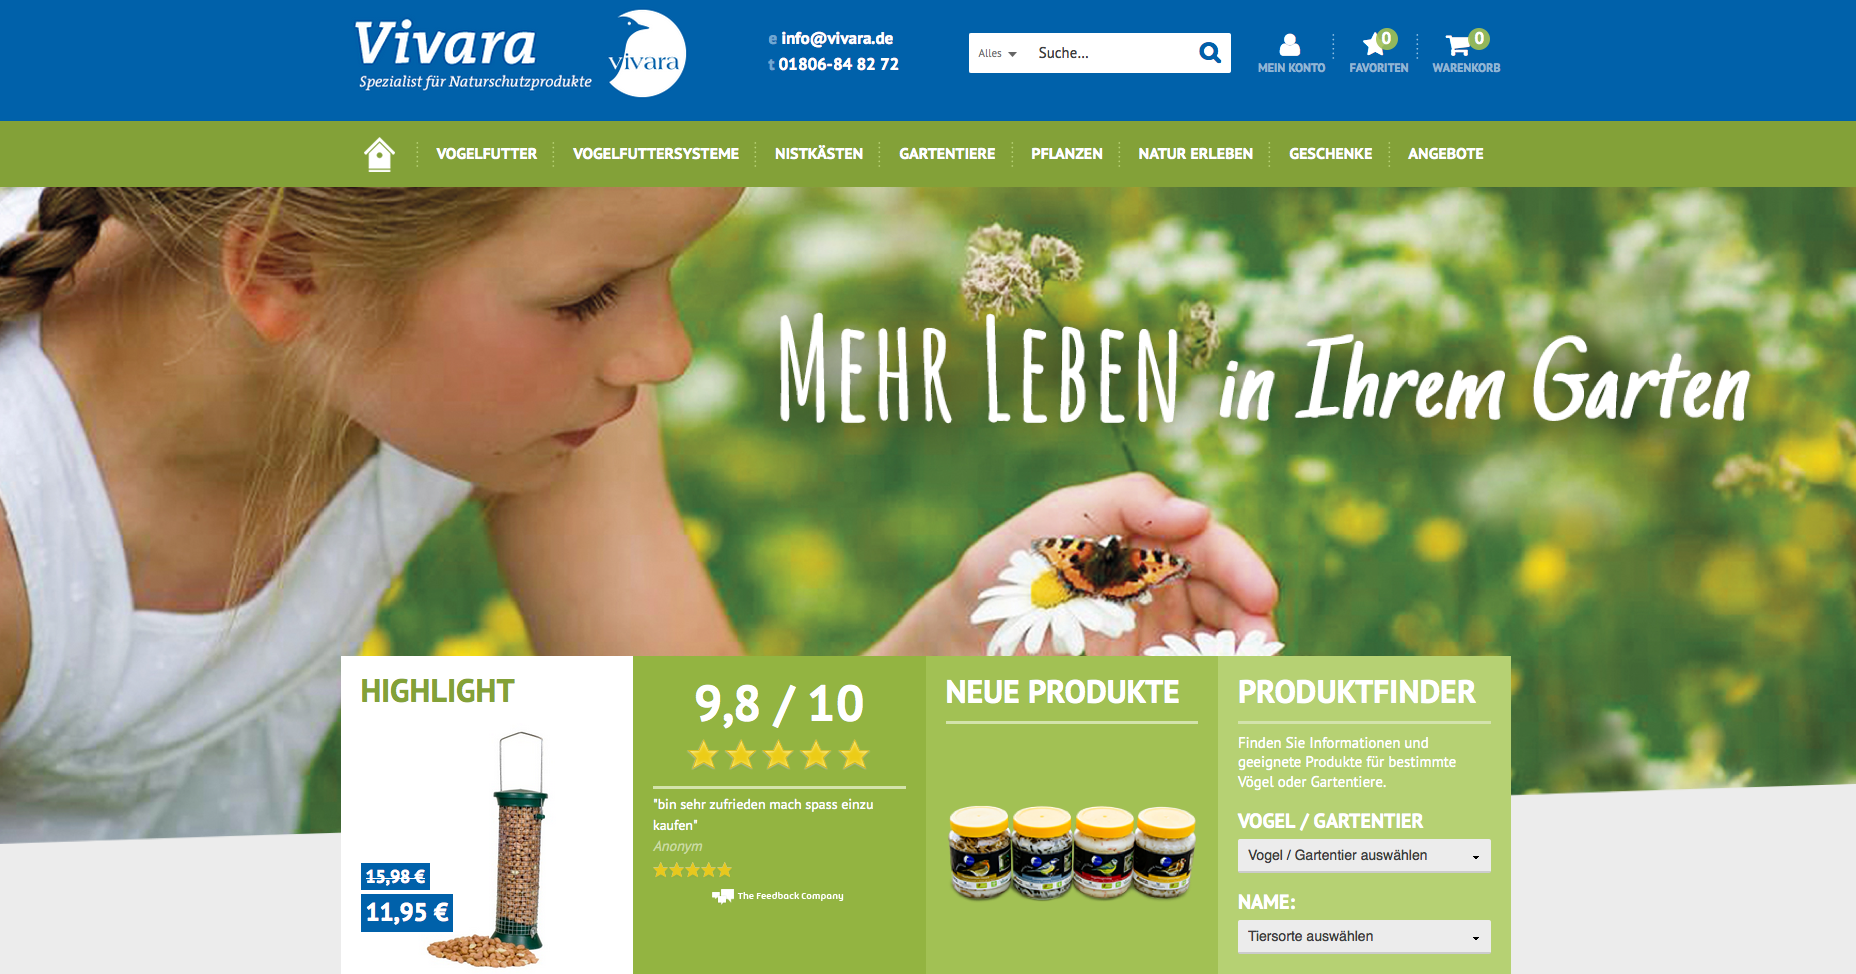 Vivara Naturschutzprodukte Gutschein